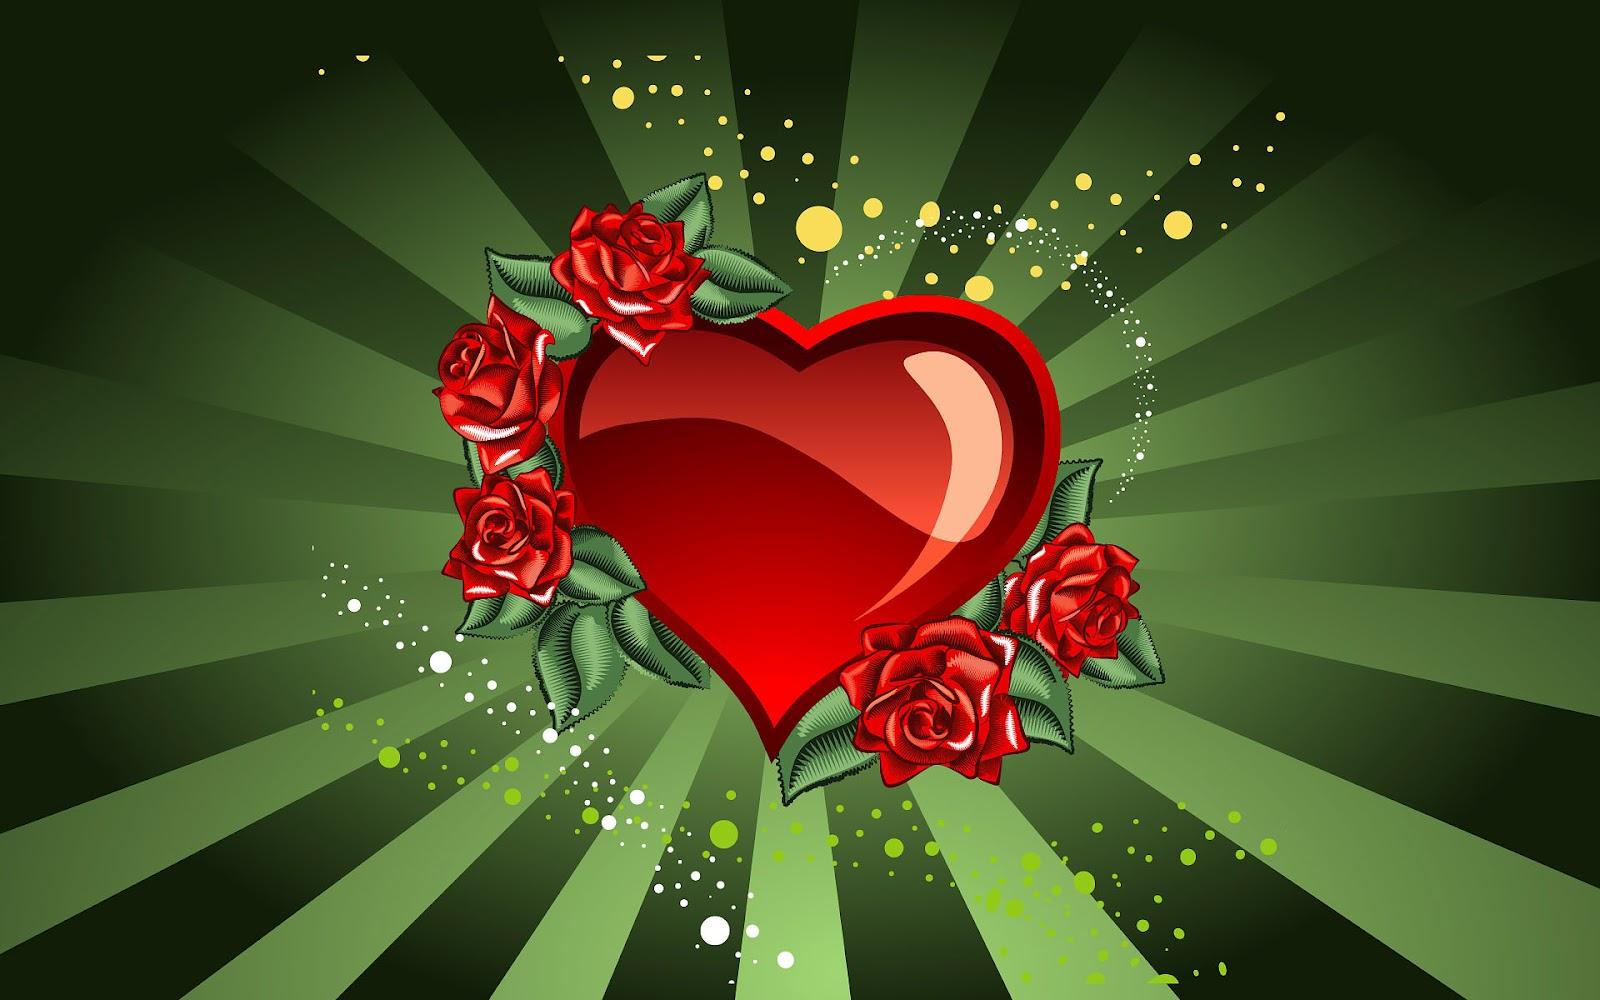 http://3.bp.blogspot.com/-w8lYOmOuzAc/UA62LVaEgDI/AAAAAAAADZU/eToLEnh8Cr4/s1600/hd-achtergrond-groene-liefde-wallpaper-met-rood-hart-hd-wallpaper.jpg